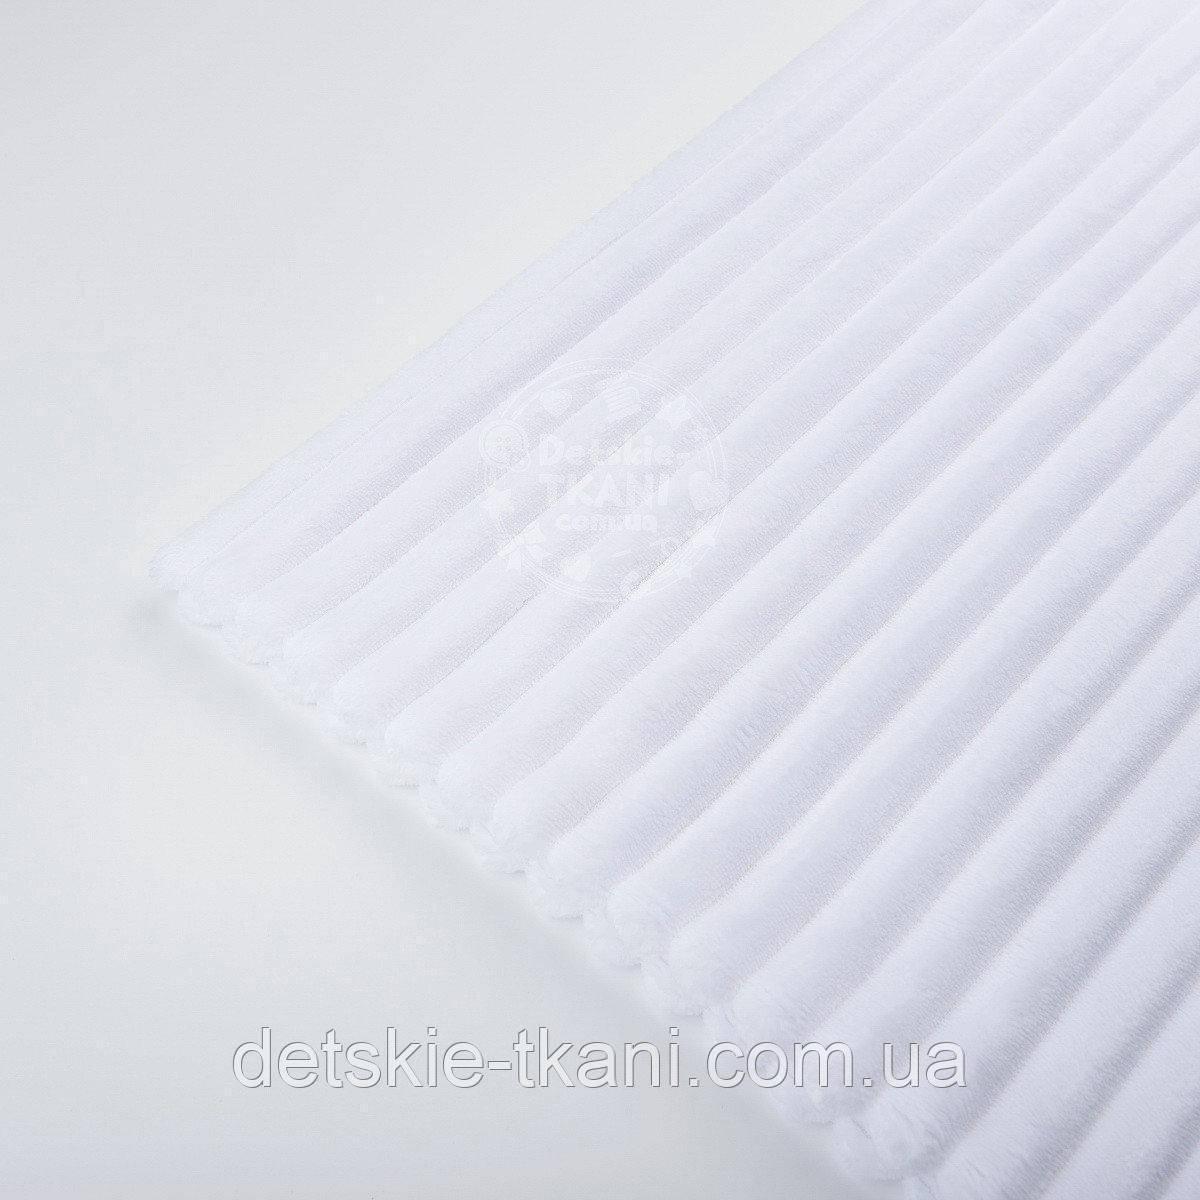 Лоскут  плюша в полоску Stripes, цвет белый, с оттенком айвори, размер 120*40 см